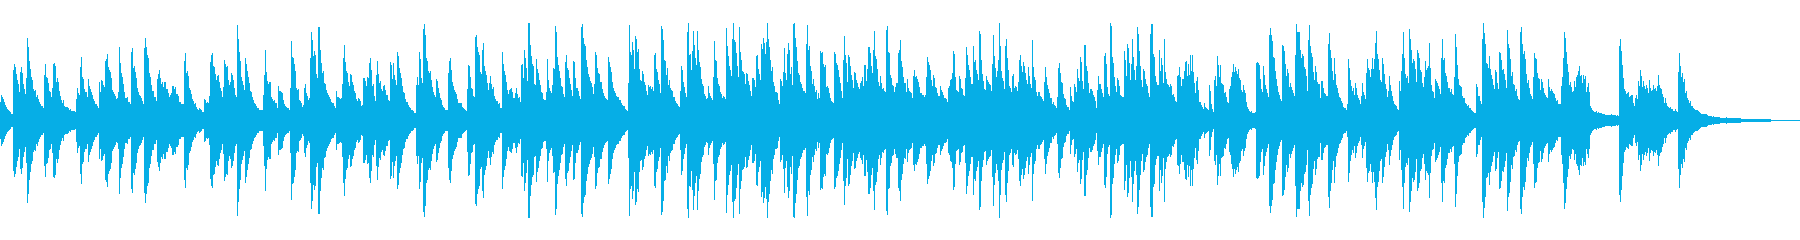 スローテンポのジャズ風ラウンジピアノソロの再生済みの波形